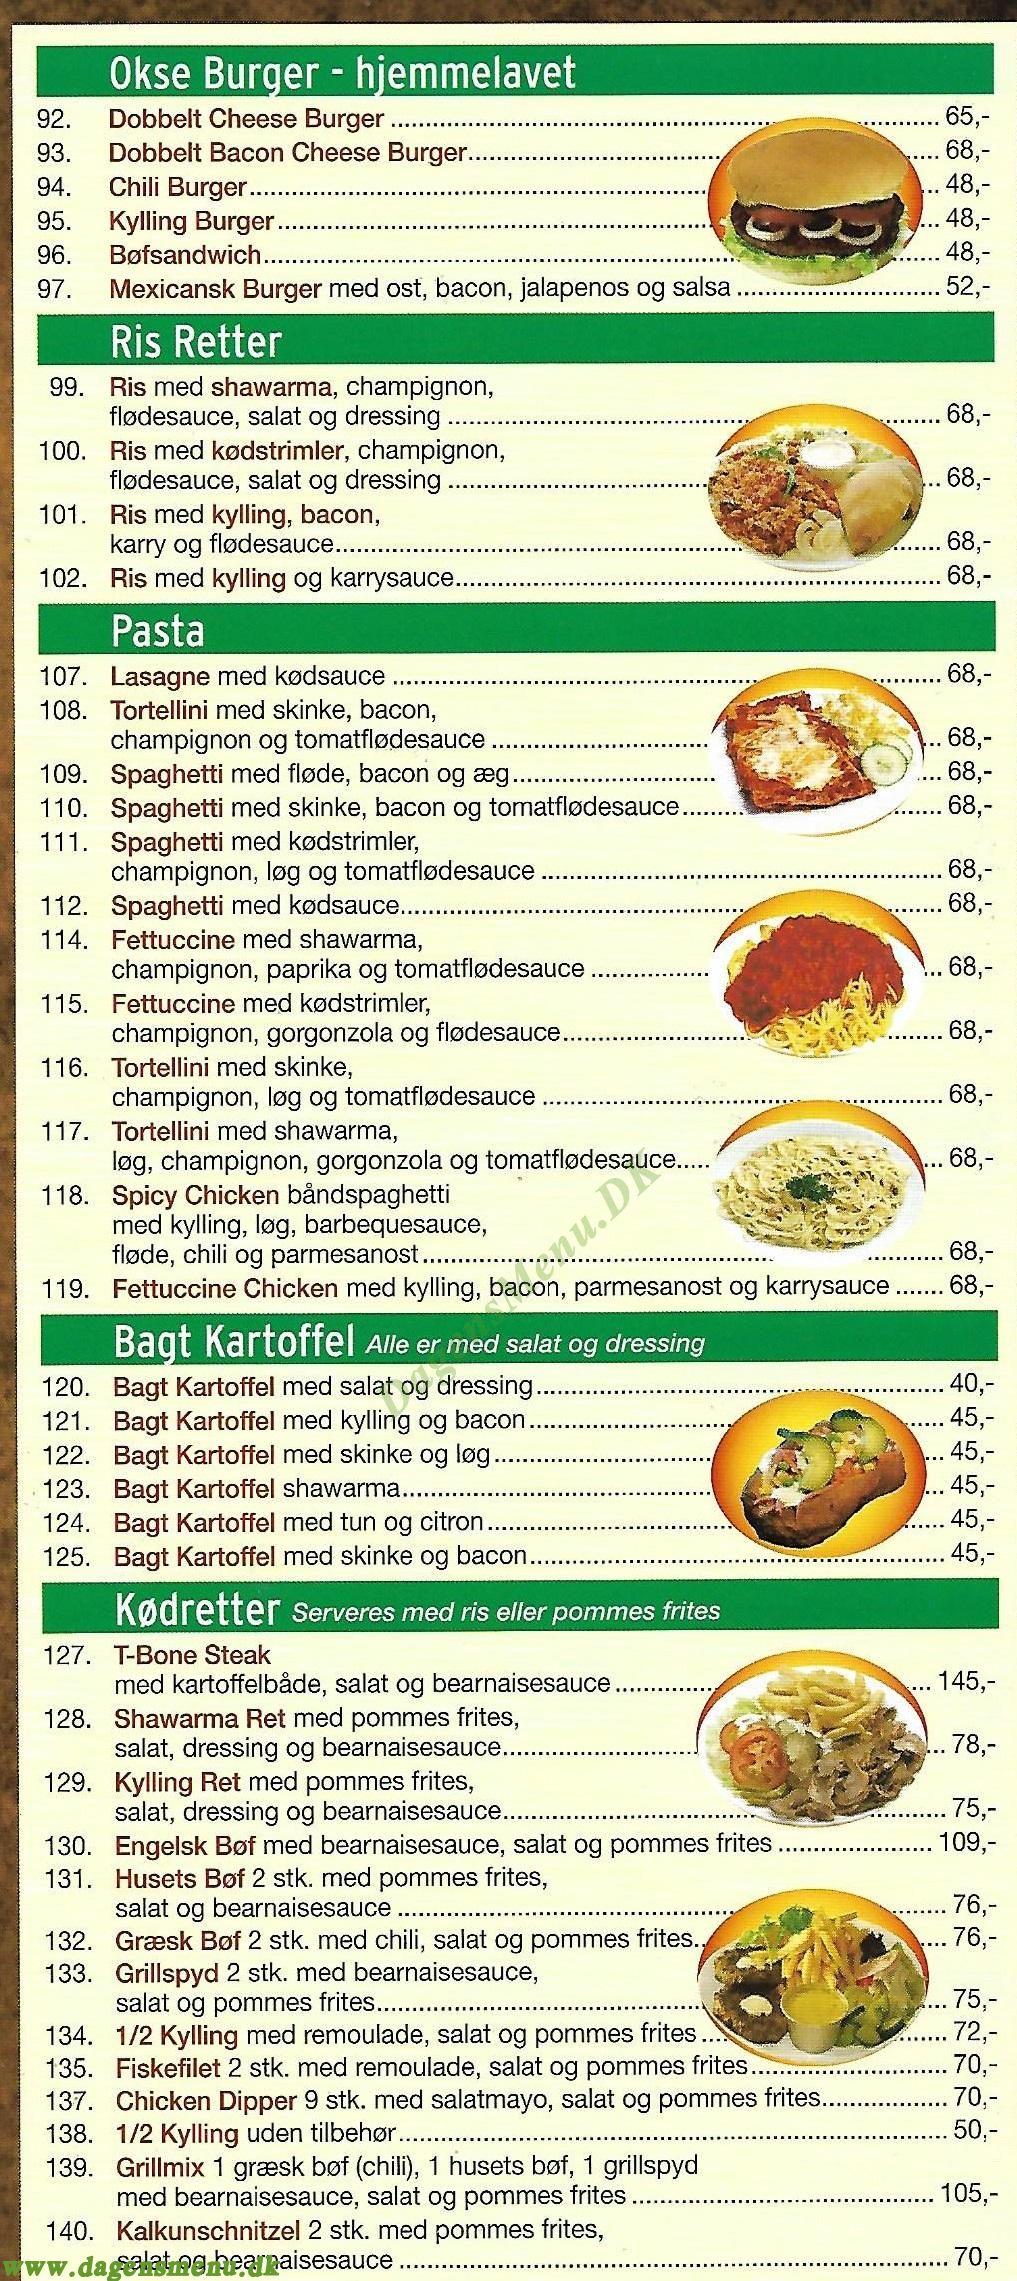 Ålholm Pizza & Grill - Menukort